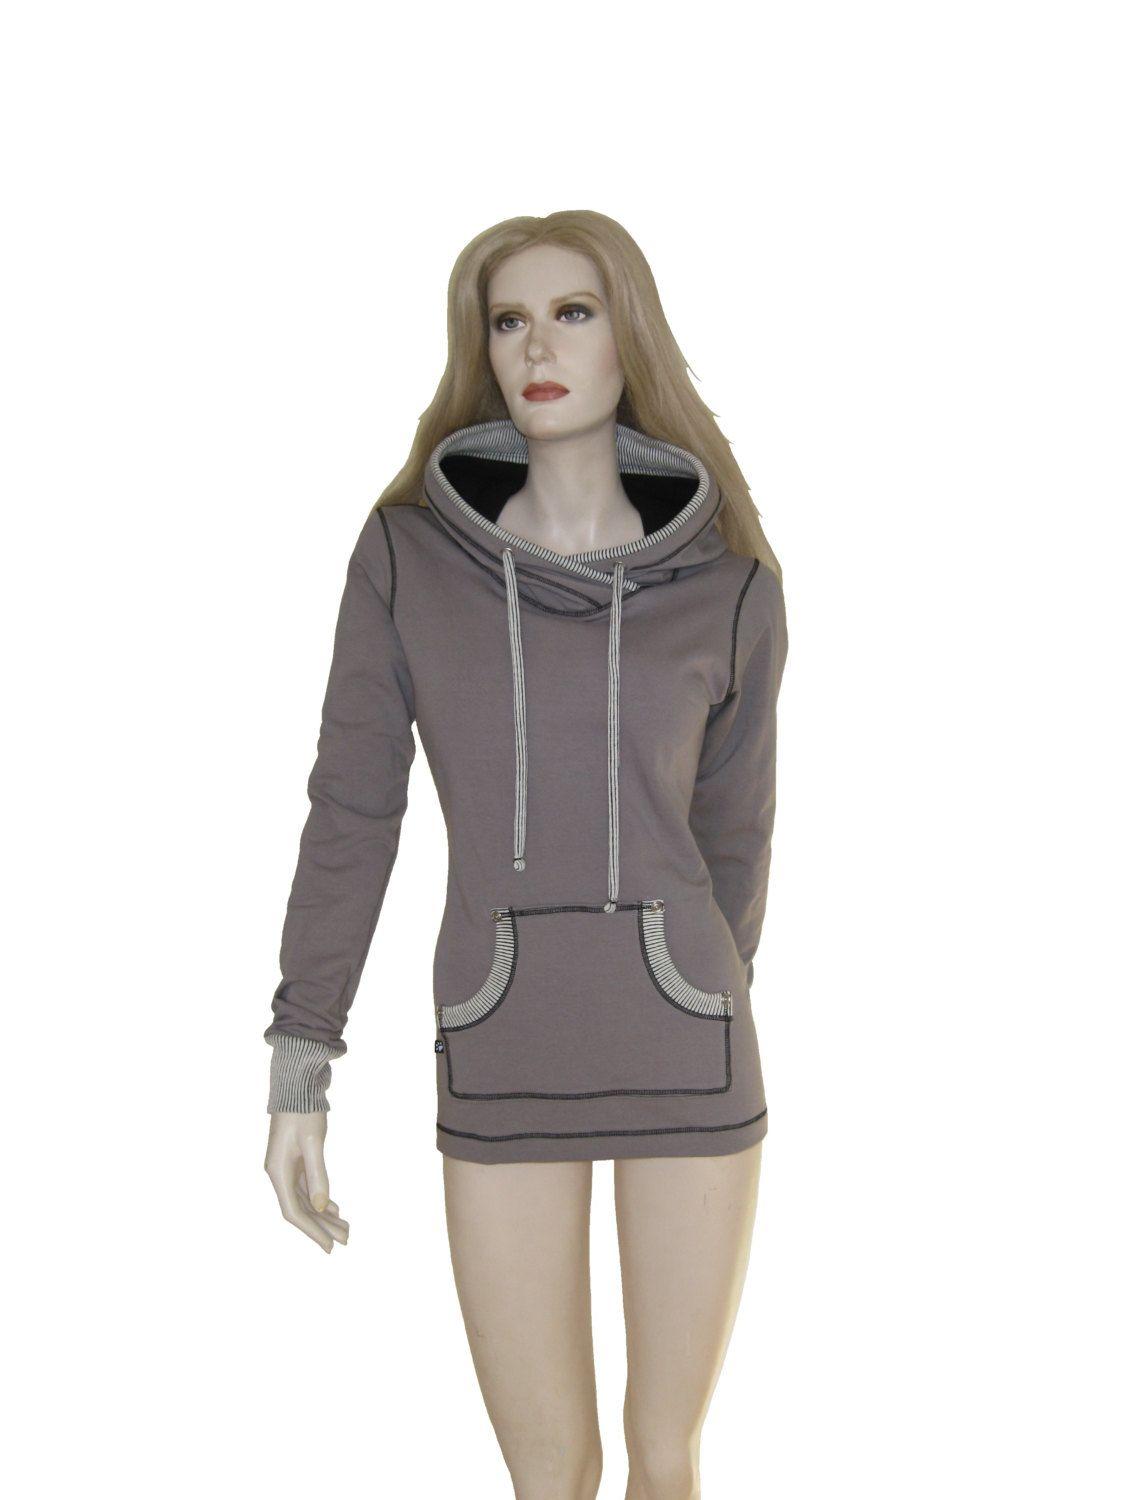 """Chandail """"GreyMix"""", sweat à capuche avec poche, kangourou, chandail à capuchon en molleton gris. de la boutique atelierPATH sur Etsy"""